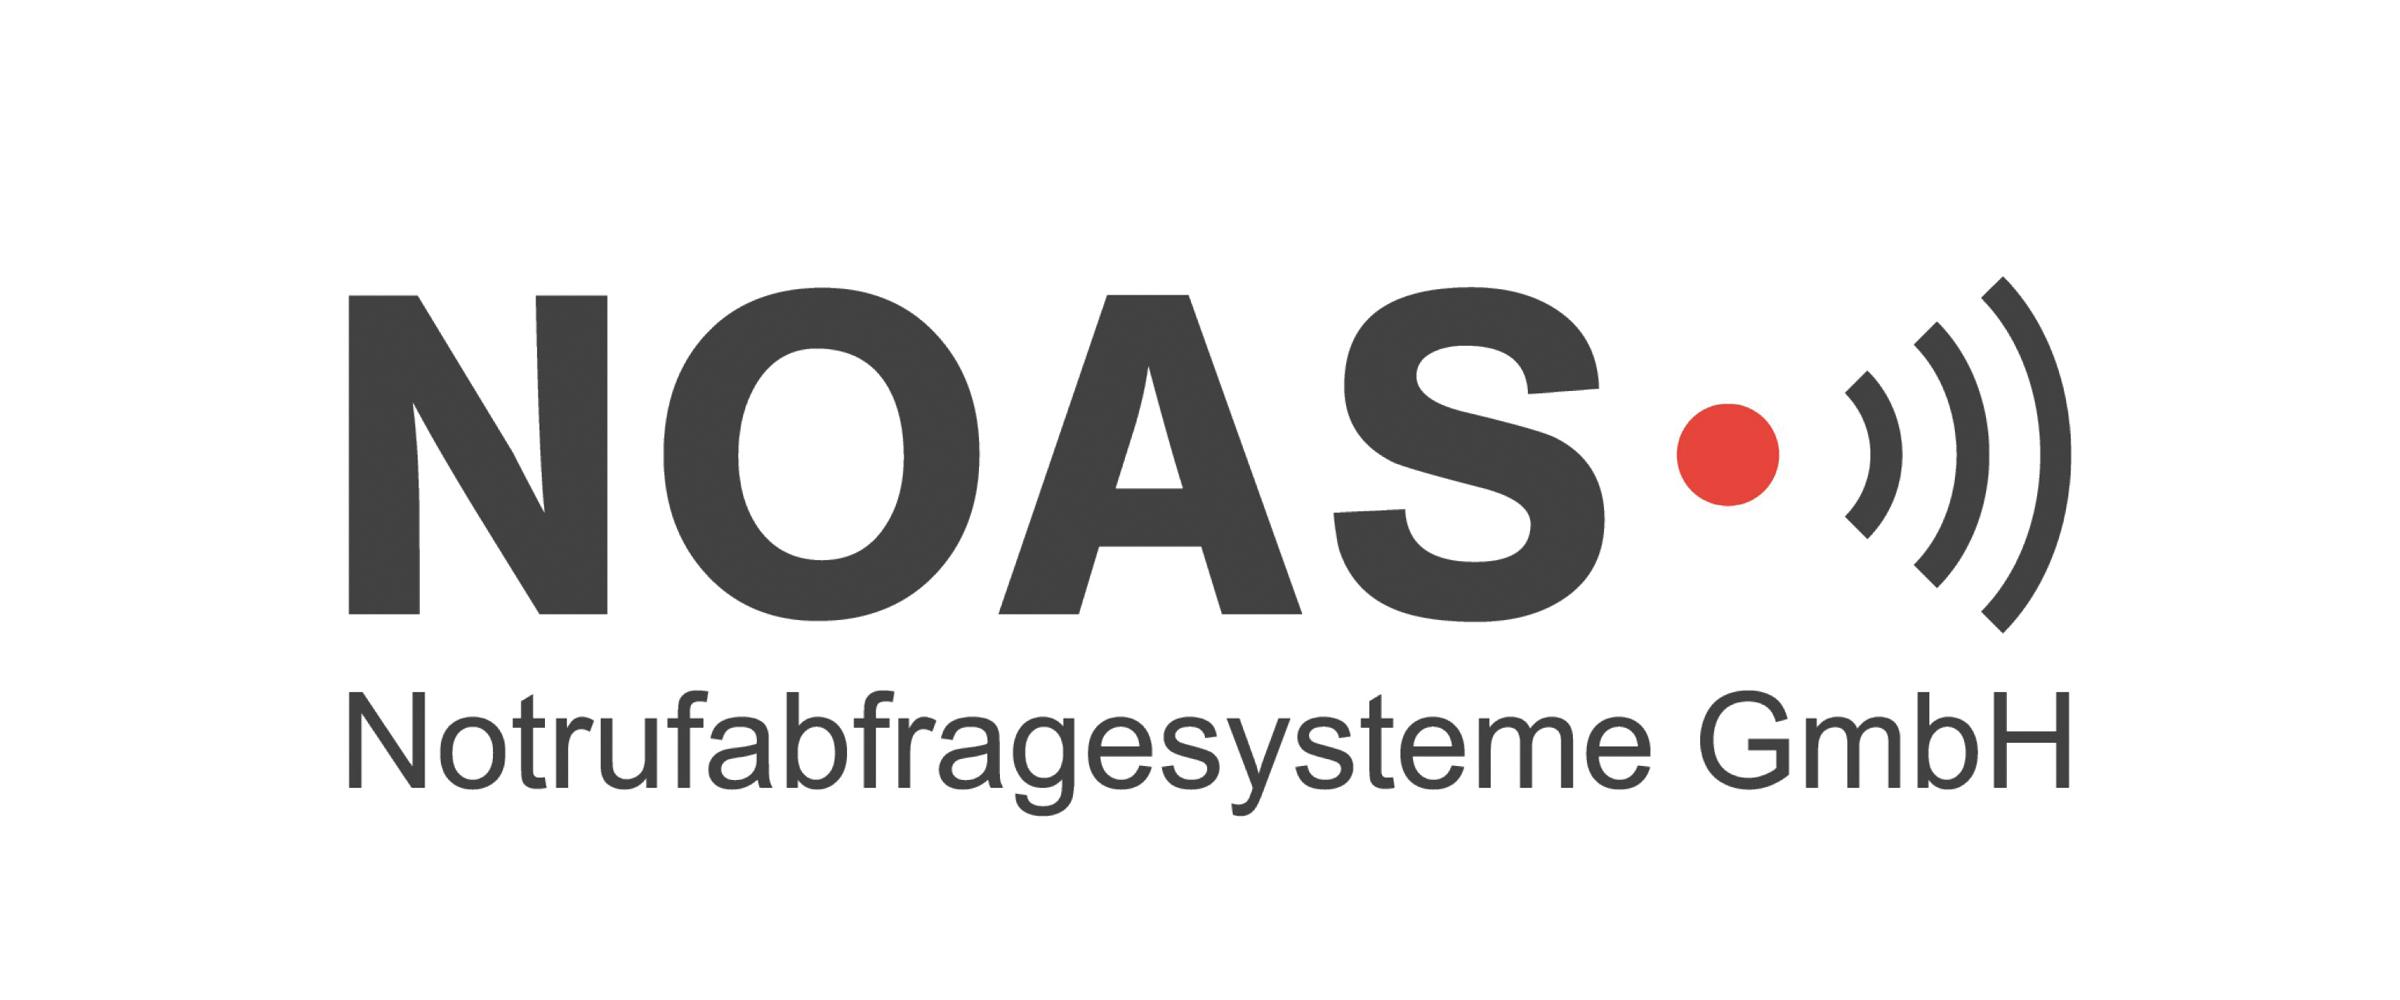 NOAS Notrufabfragesysteme GmbH